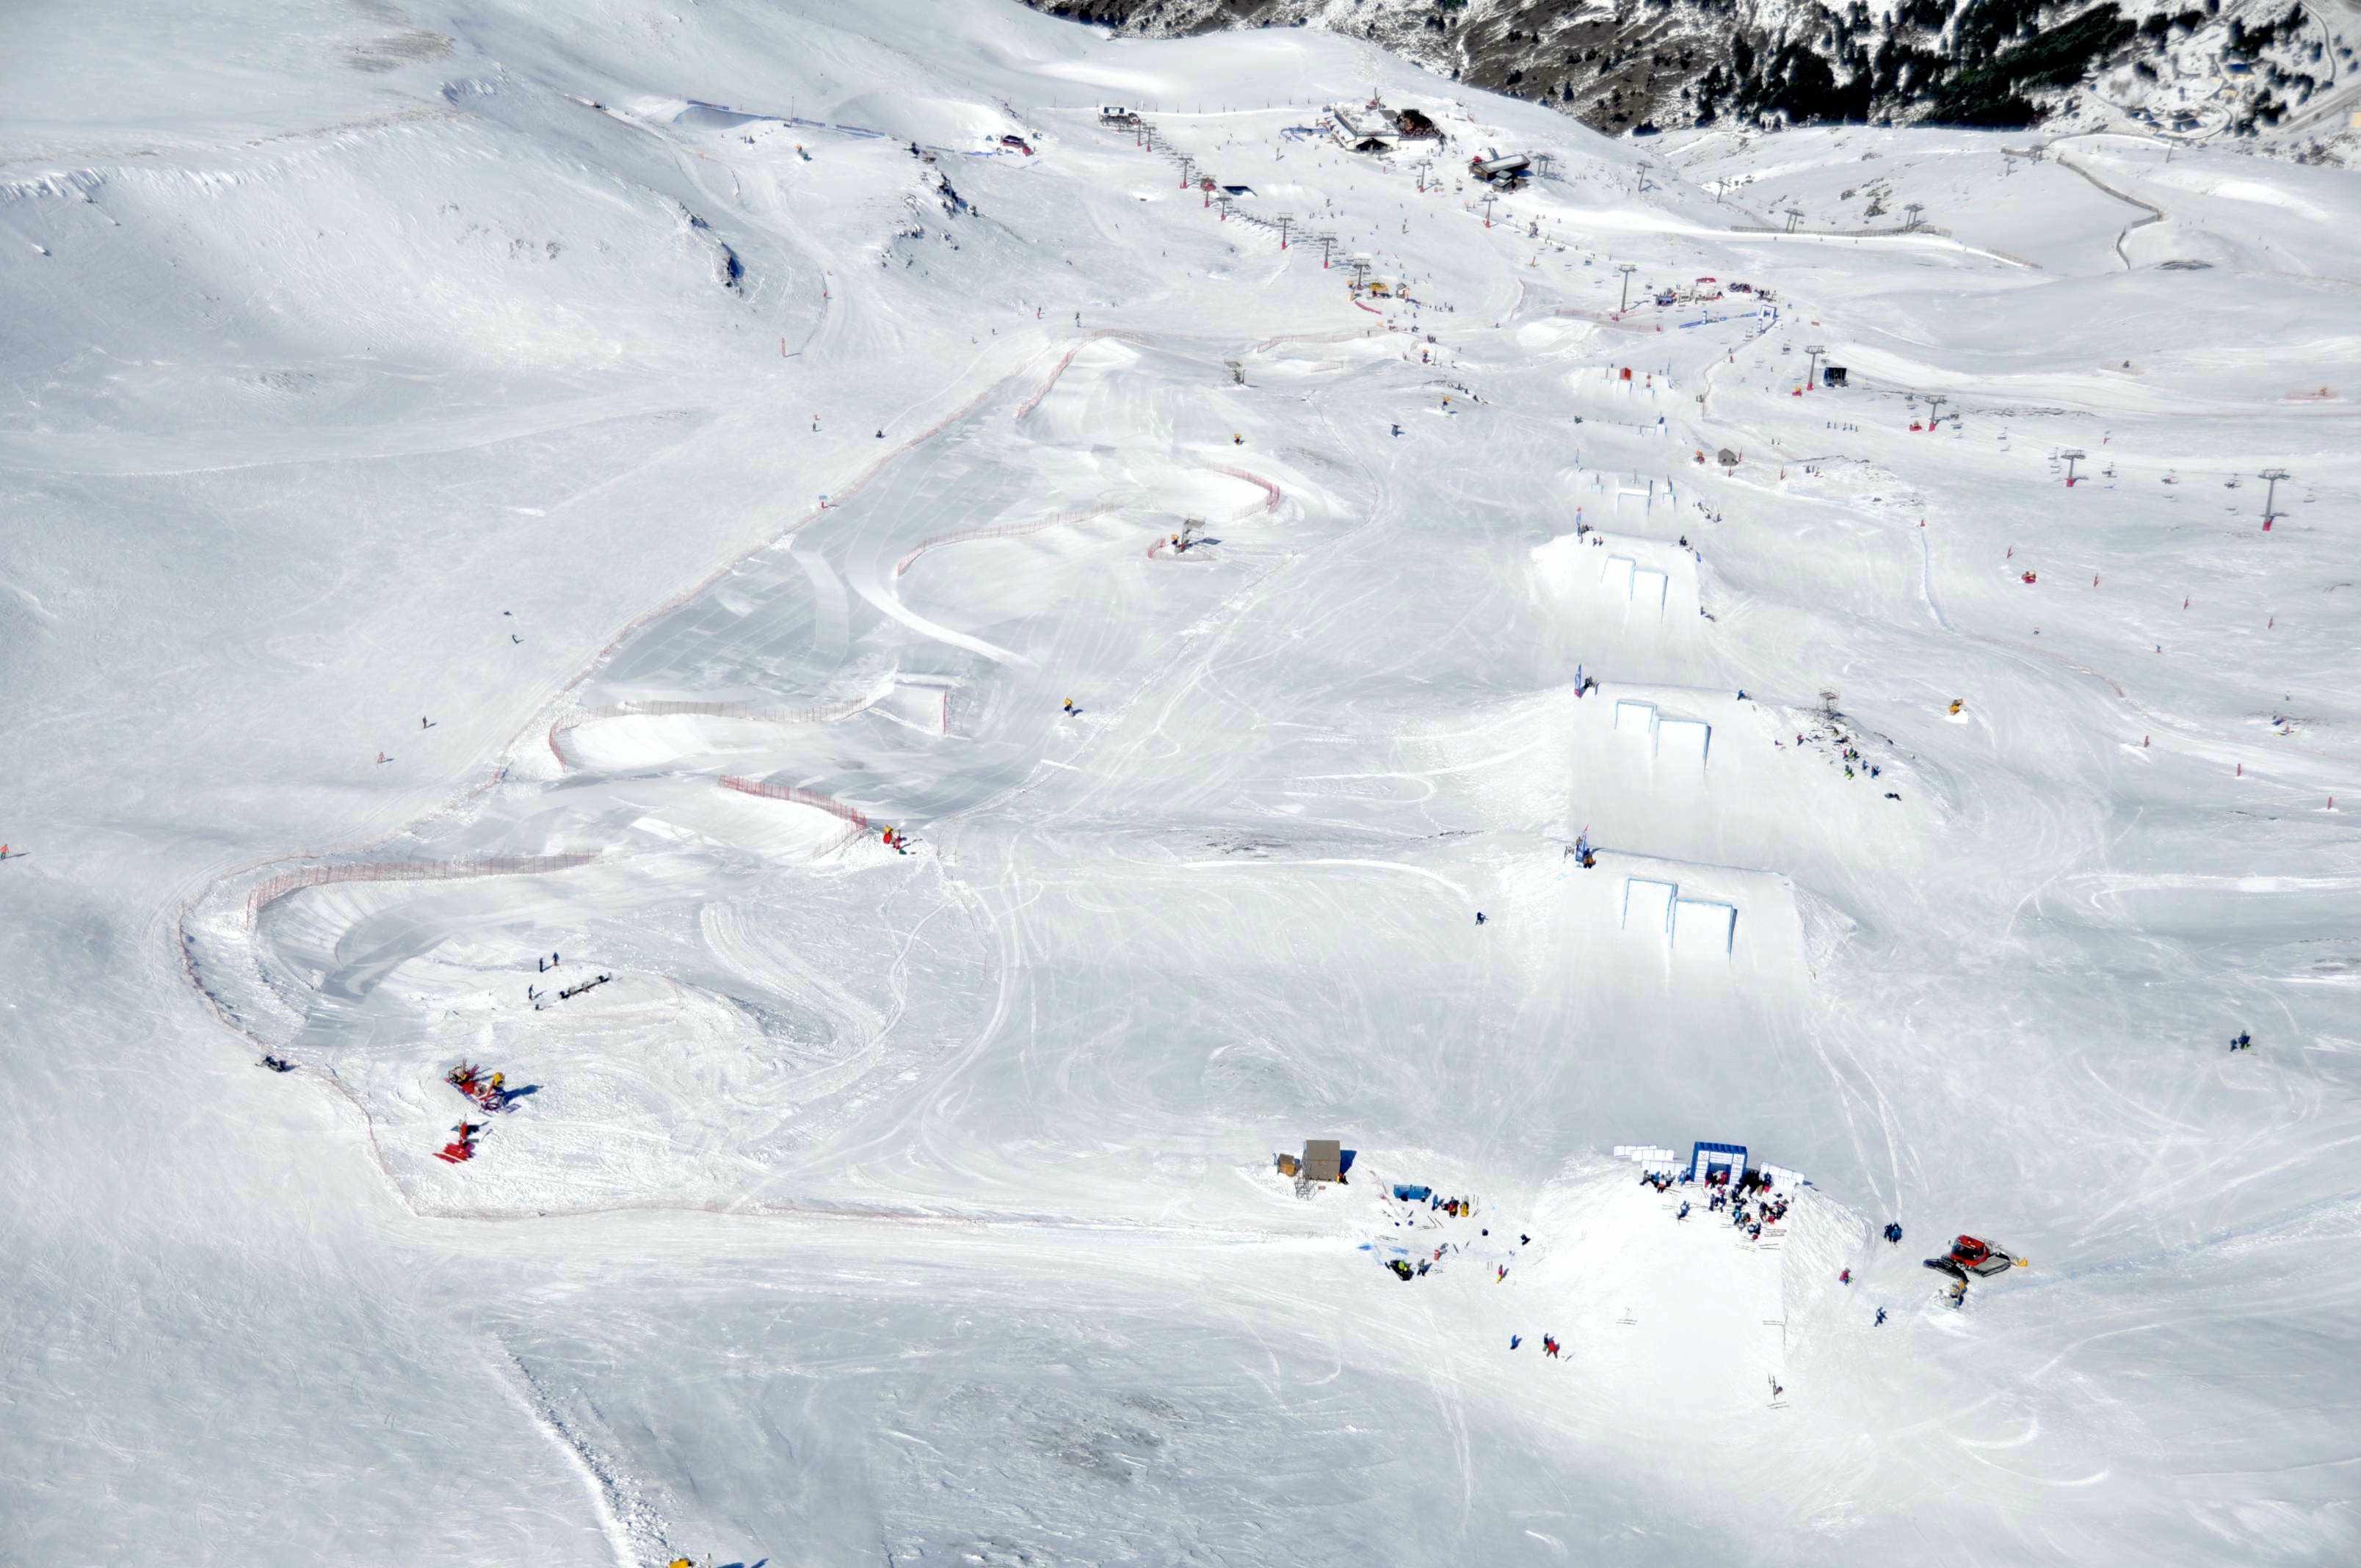 skicross+slopestyle en Universiada (9 feb 2015)